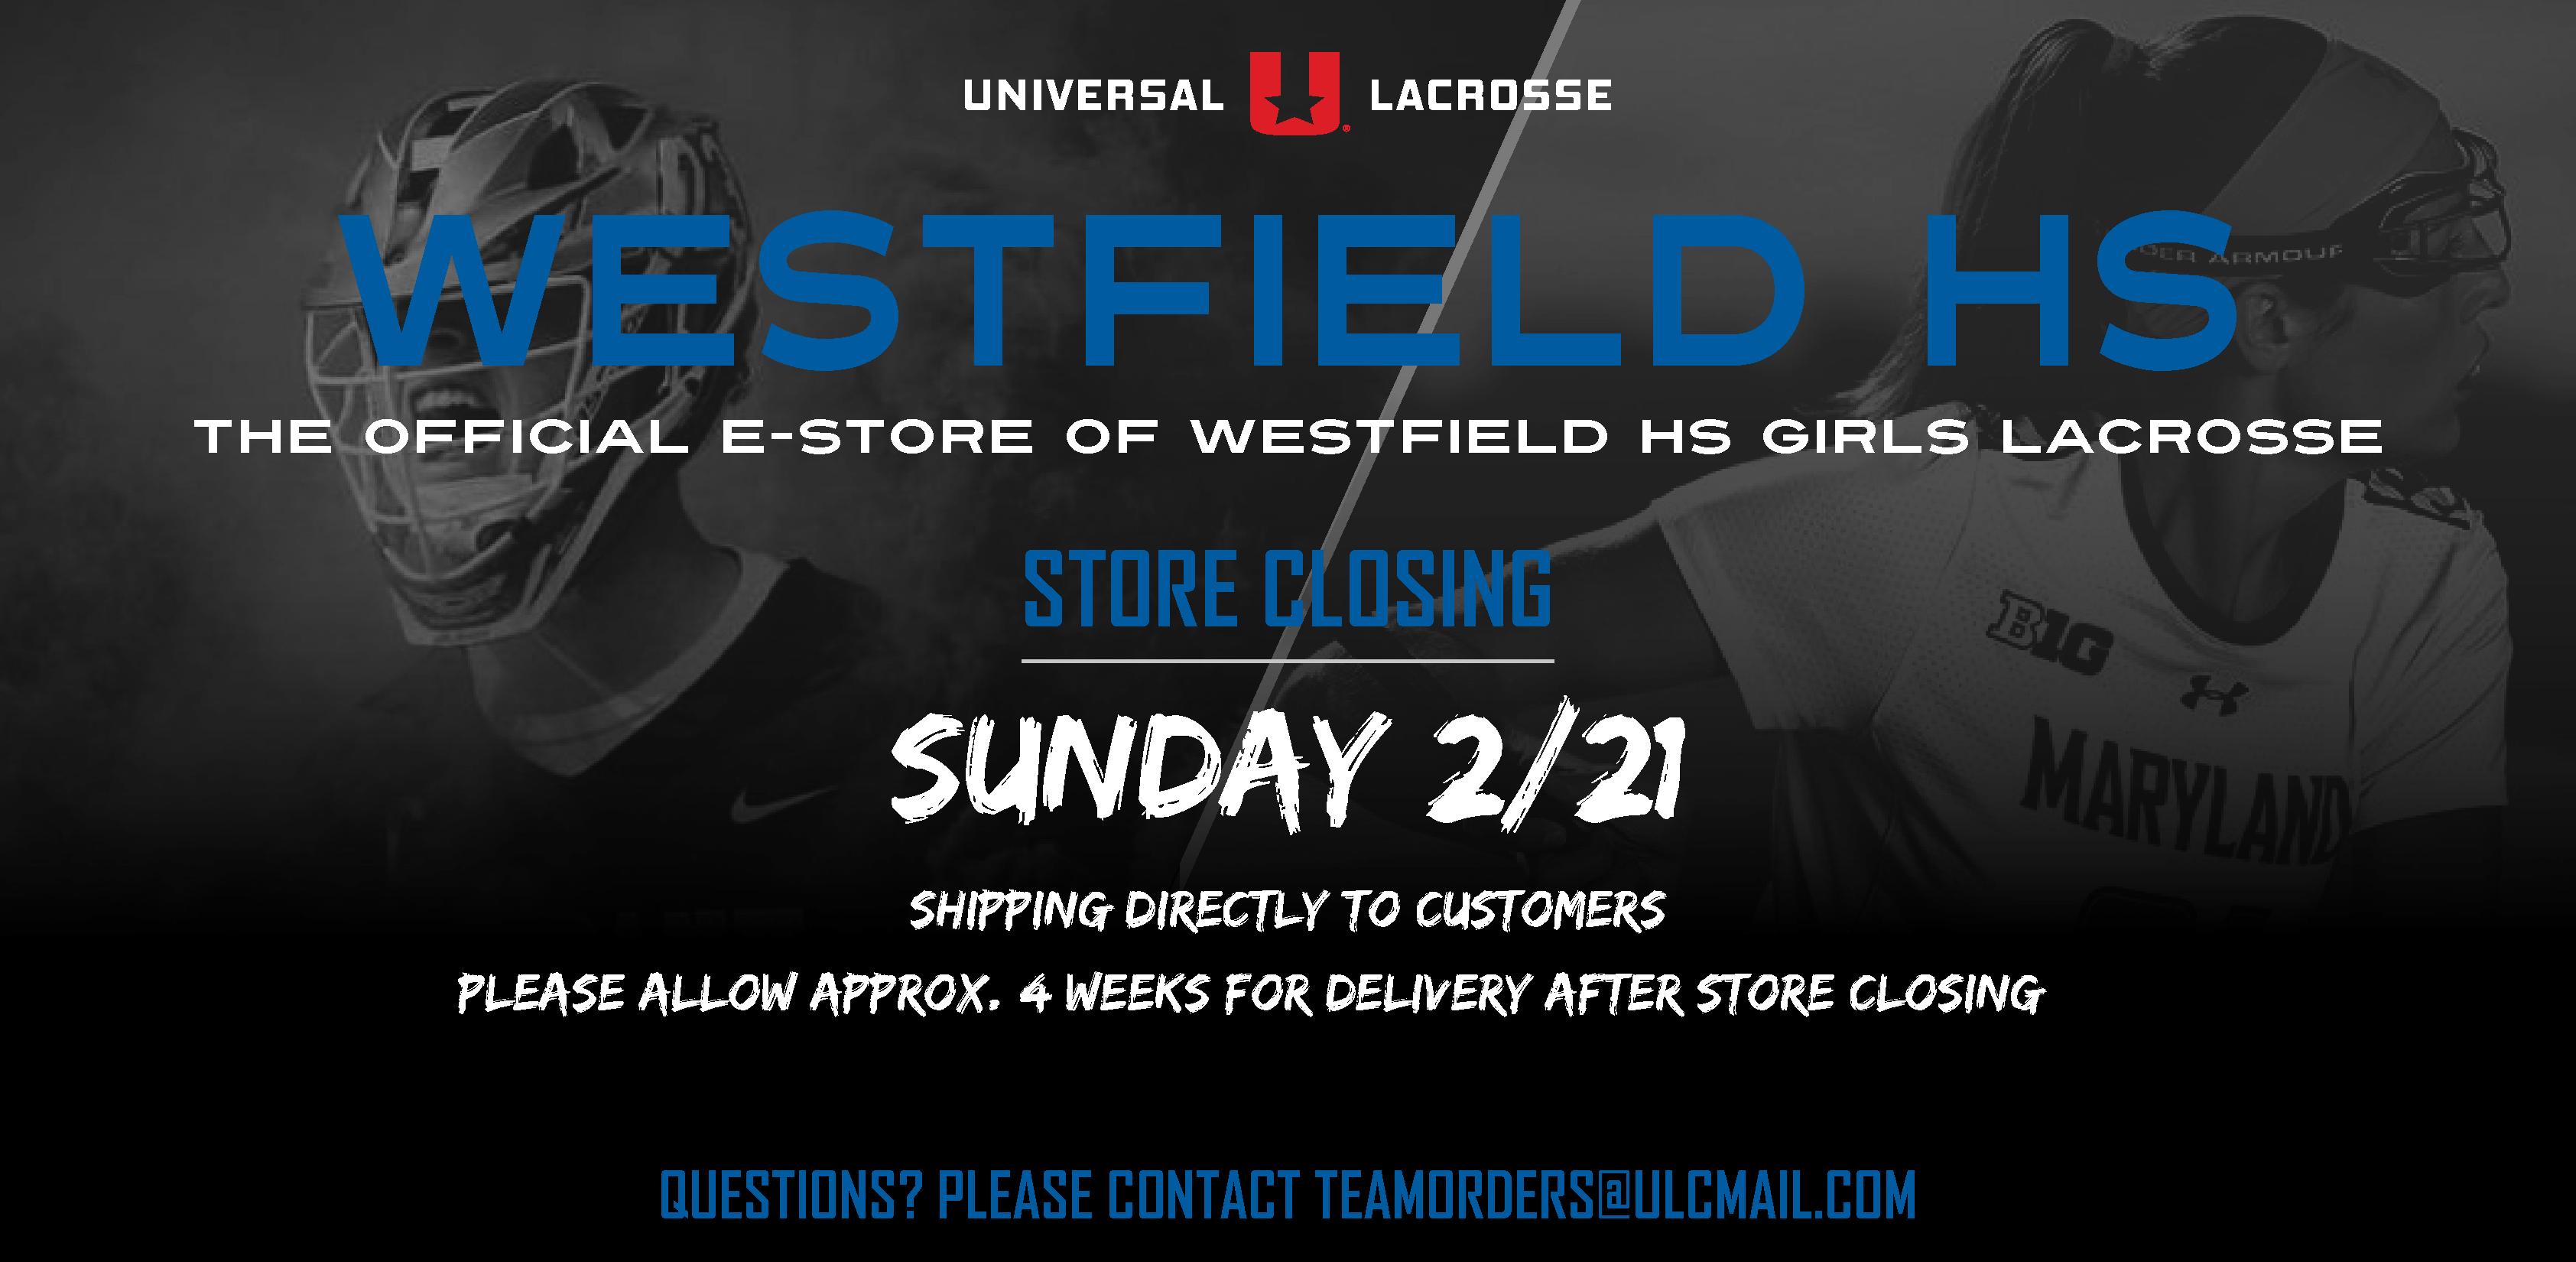 Westfield HS Girls Lacrosse